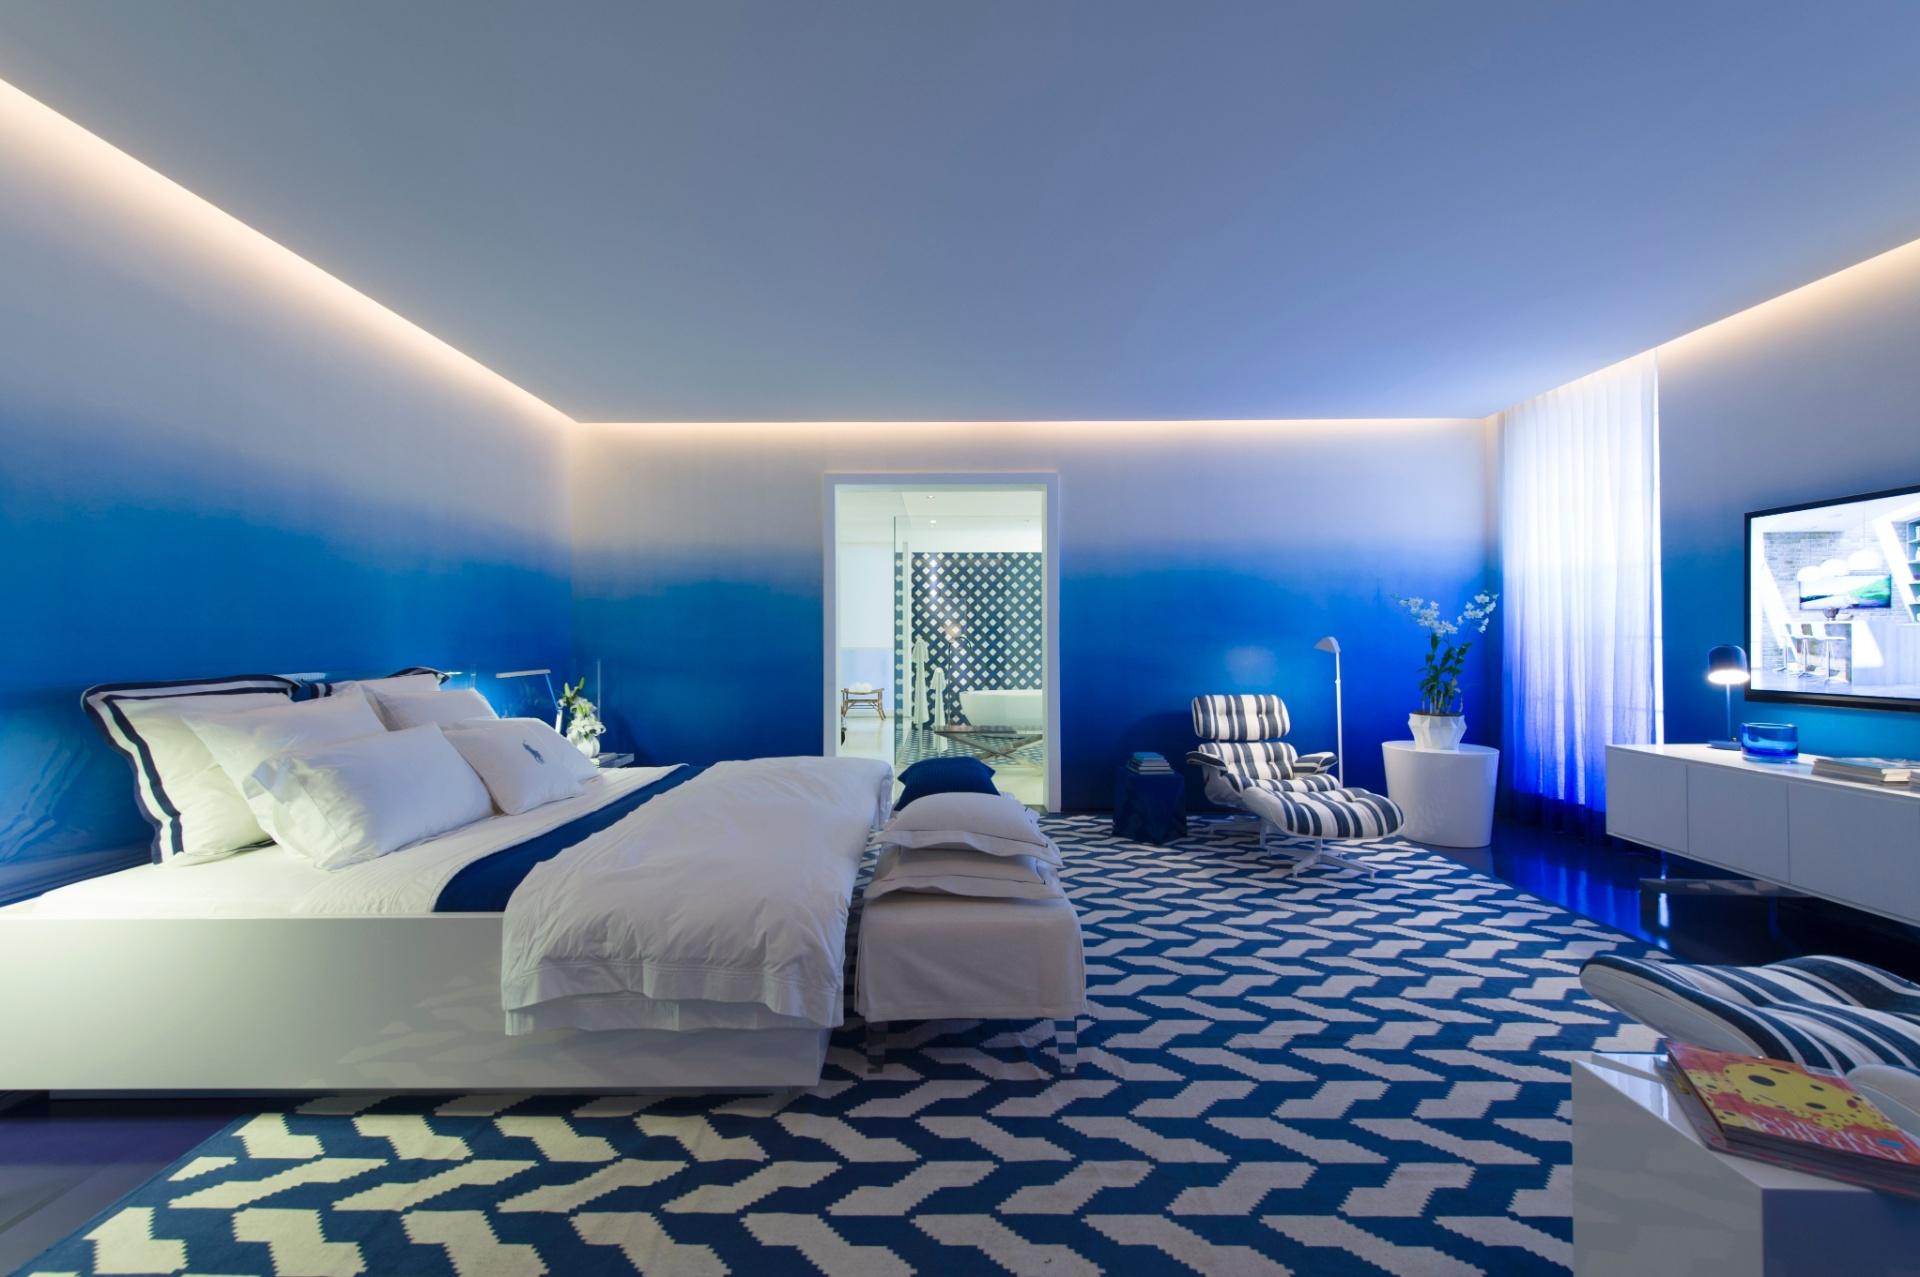 No quarto da Casa de Praia, projeto de Roberto Migotto, se destacam as tonalidades do azul nos móveis, no tapete em formas geométricas e, em especial, no degradê da parede. A 27ª Casa Cor SP segue até dia 21 de julho de 2013, no Jockey Club de São Paulo